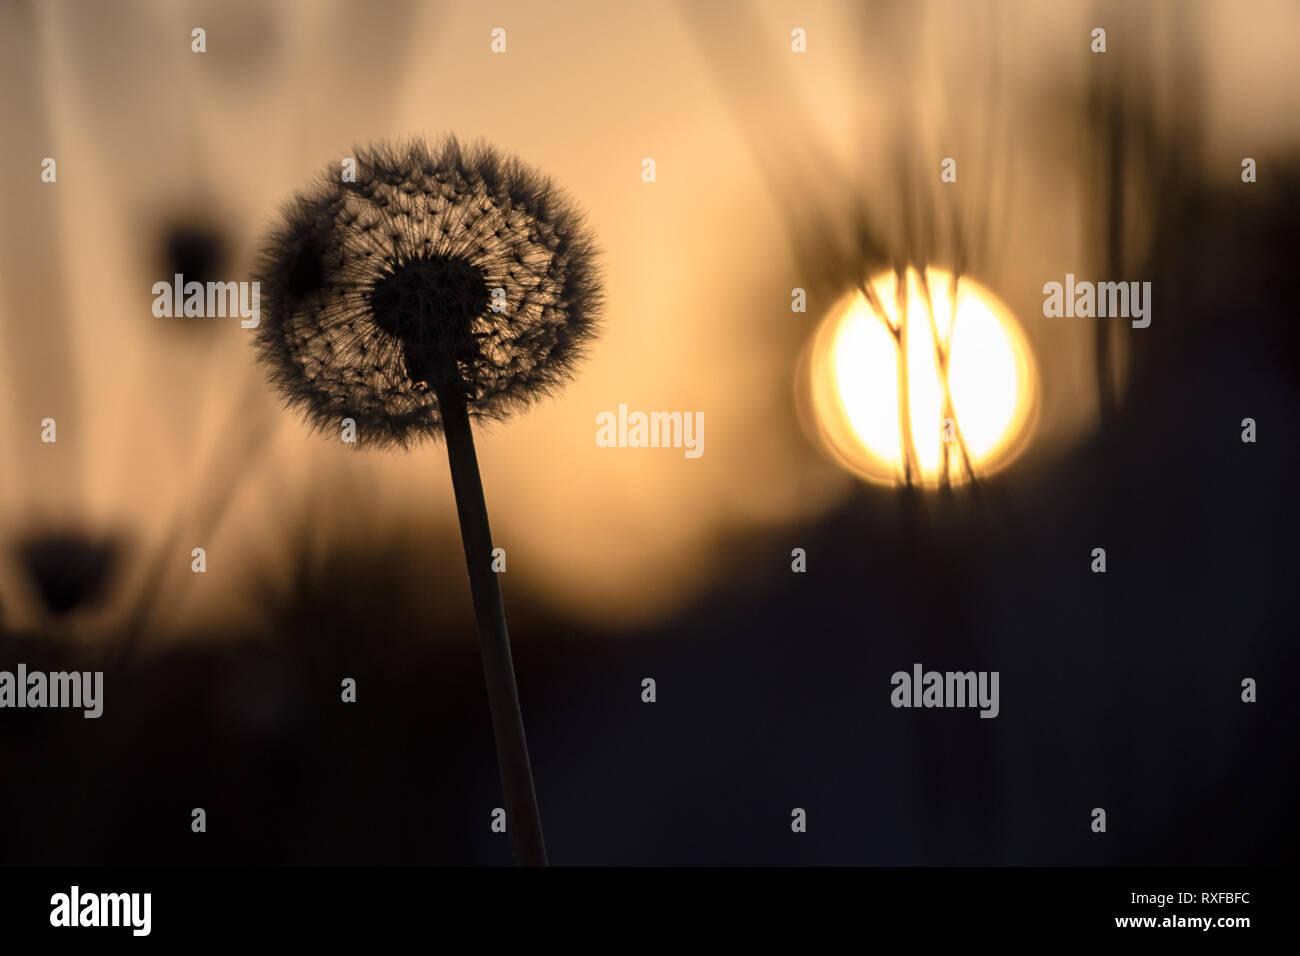 Pusteblume im Gegenlicht bei Sonnenuntergang - Stock Image